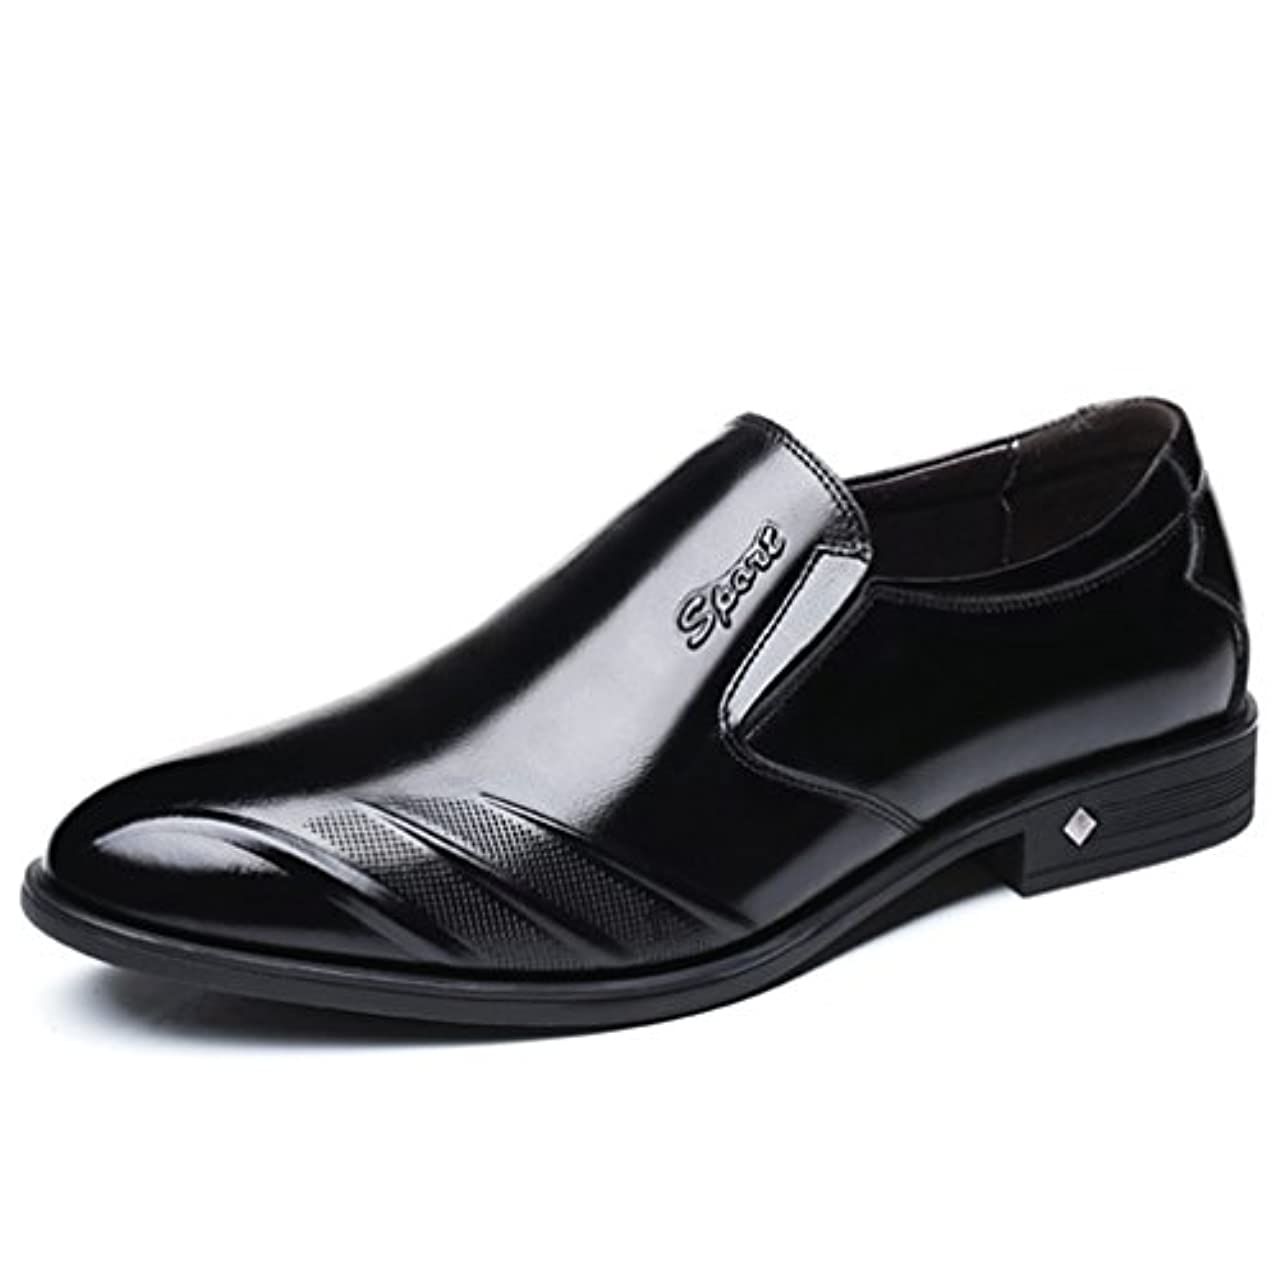 ミッション有名勘違いするビジネスシューズ メンズ 靴 紳士靴 本革 革靴 プレーントゥ ビジネスシューズ メンズ 本革 革靴 靴 プレーントゥ 23.5cm 24.0cm 24.5cm 25.0cm 25.5cm 26.0cm 26.5cm「イノヤ」